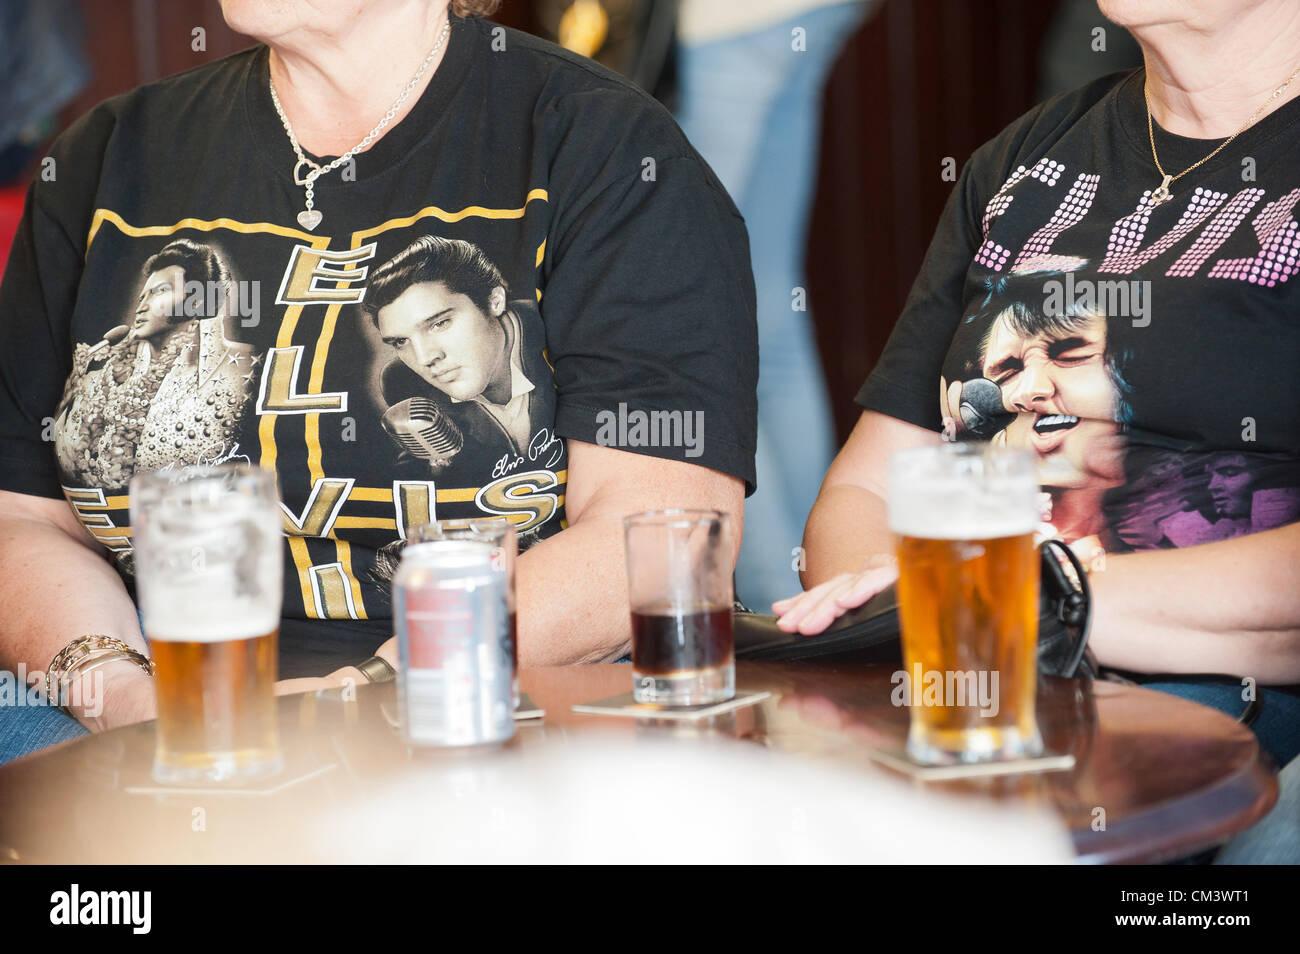 28 septembre 2012. Porthcawl, UK. Fans vêtus de T-Shirts Elvis regarder une loi sur l'Hommage à la Photo Stock